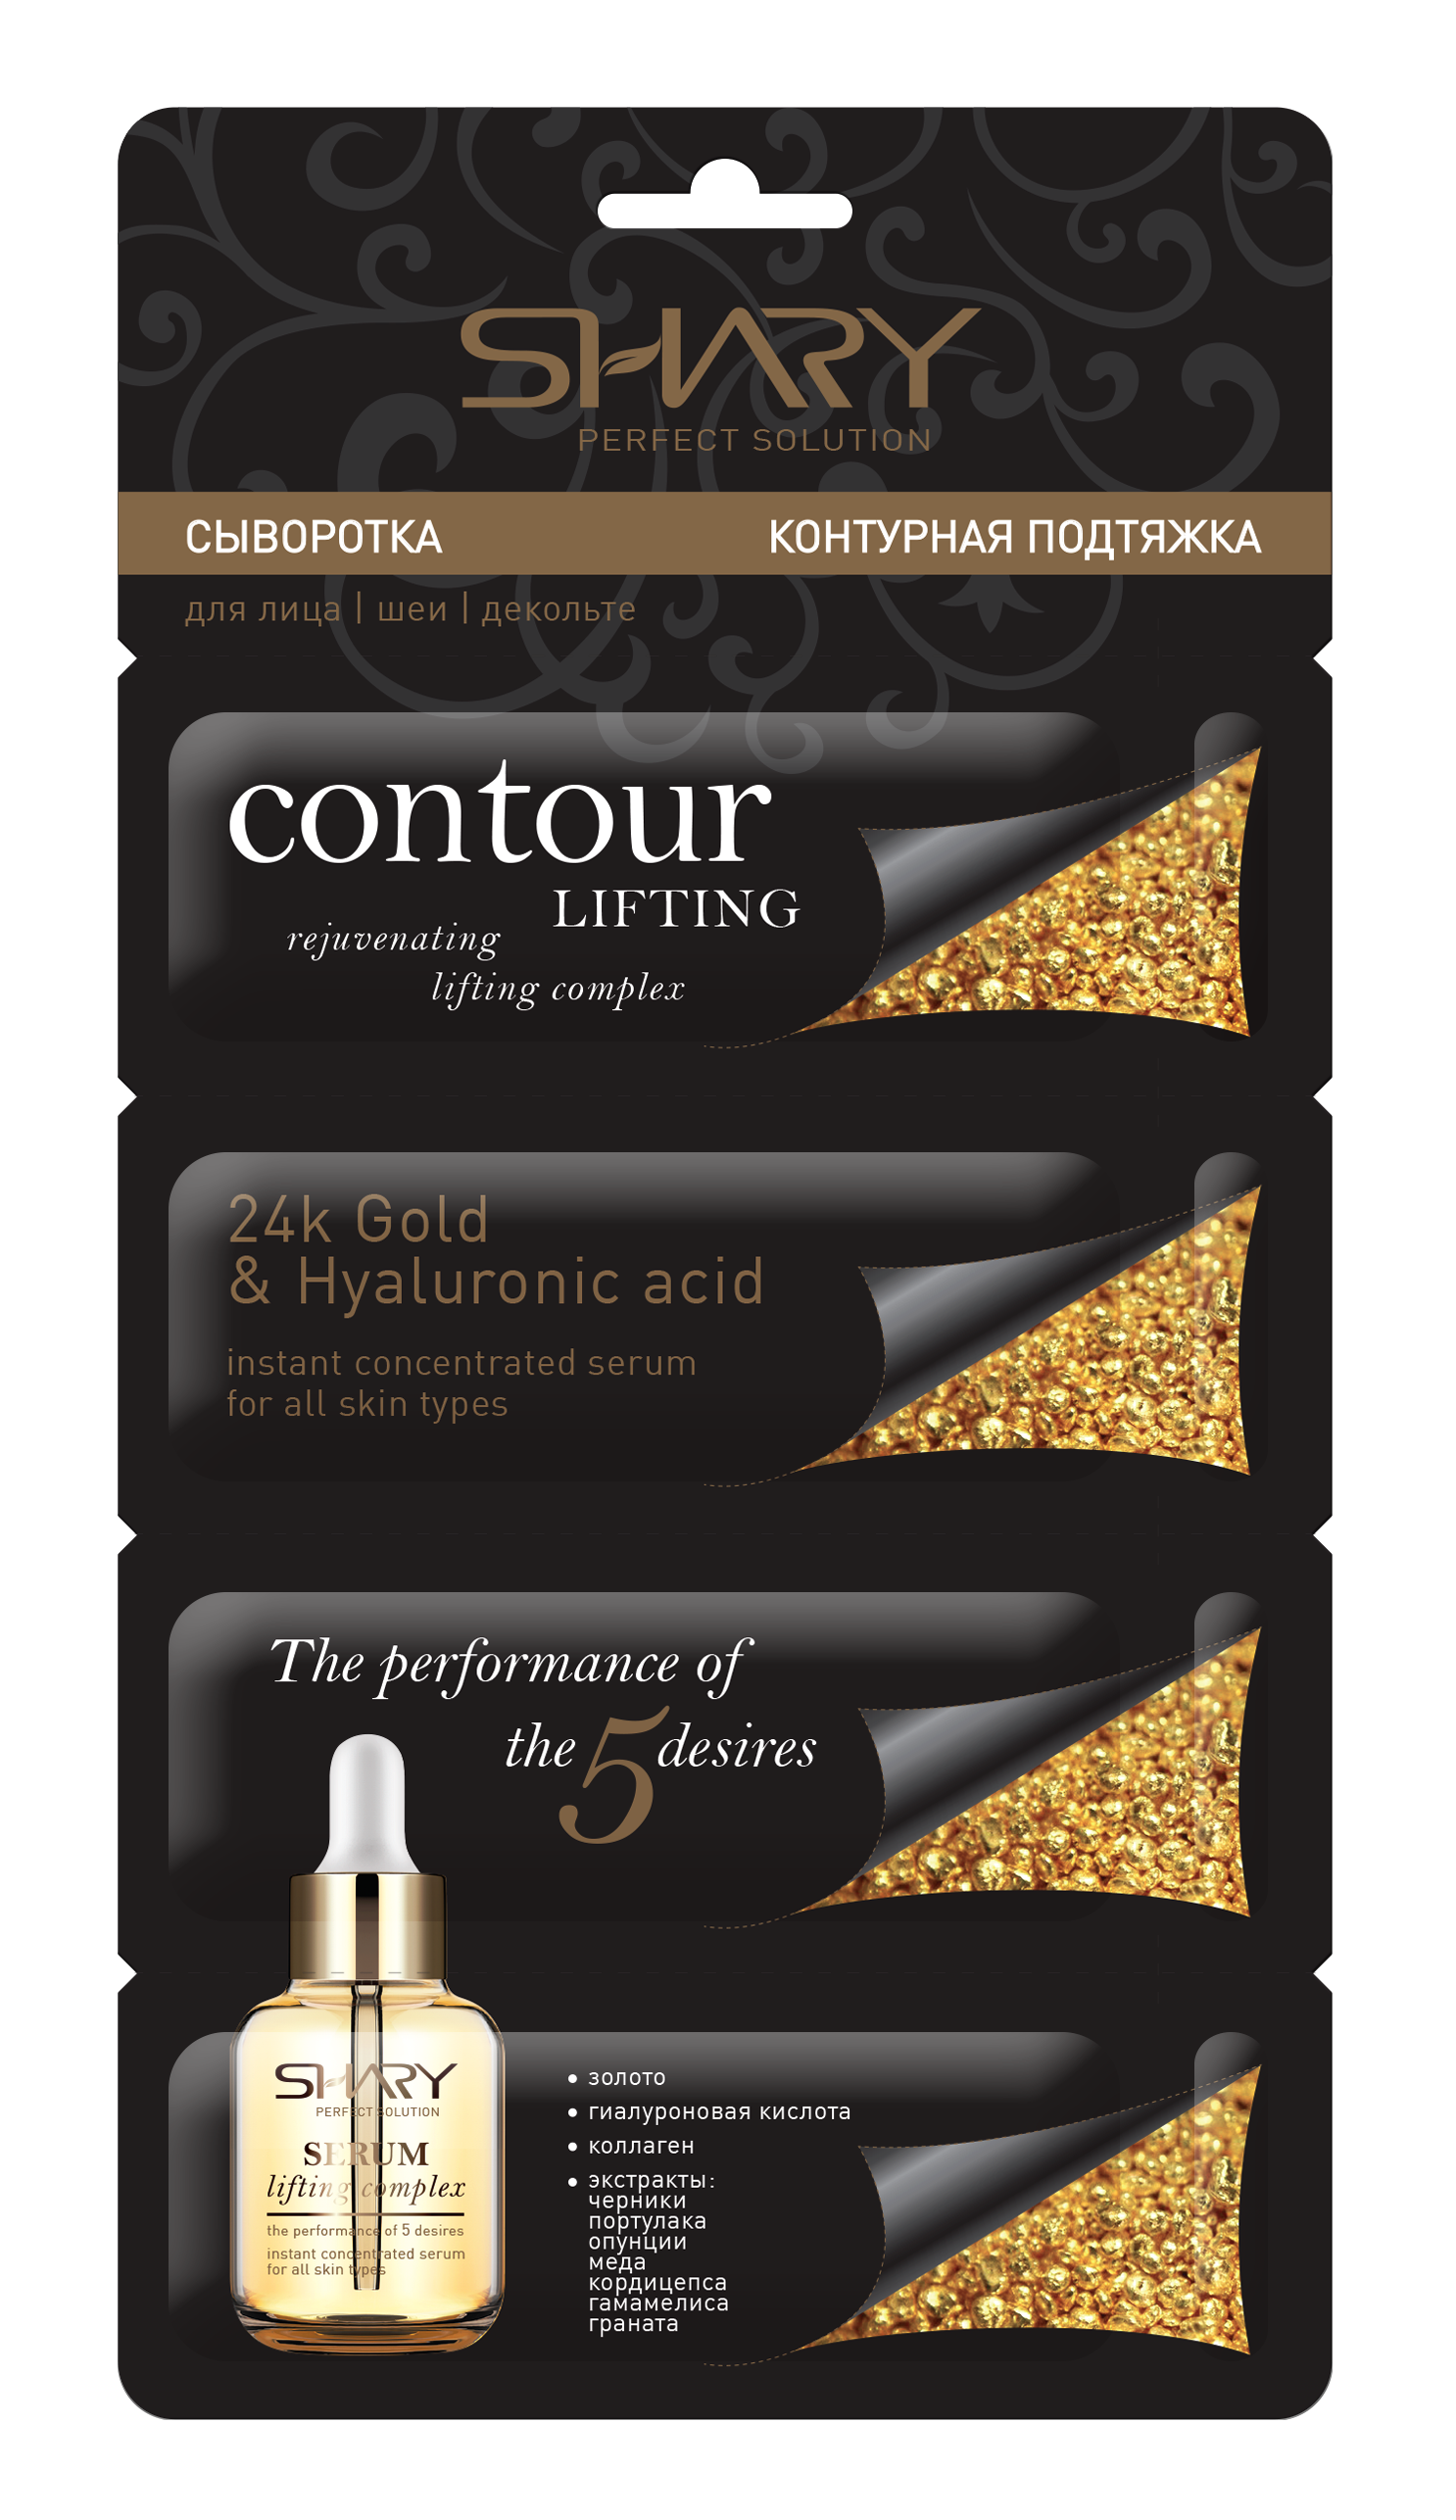 SHARY Сыворотка для лица, шеи, декольте Контурная поддтяжка 24К золото и гиалуроновая кислота /SHARY 2г